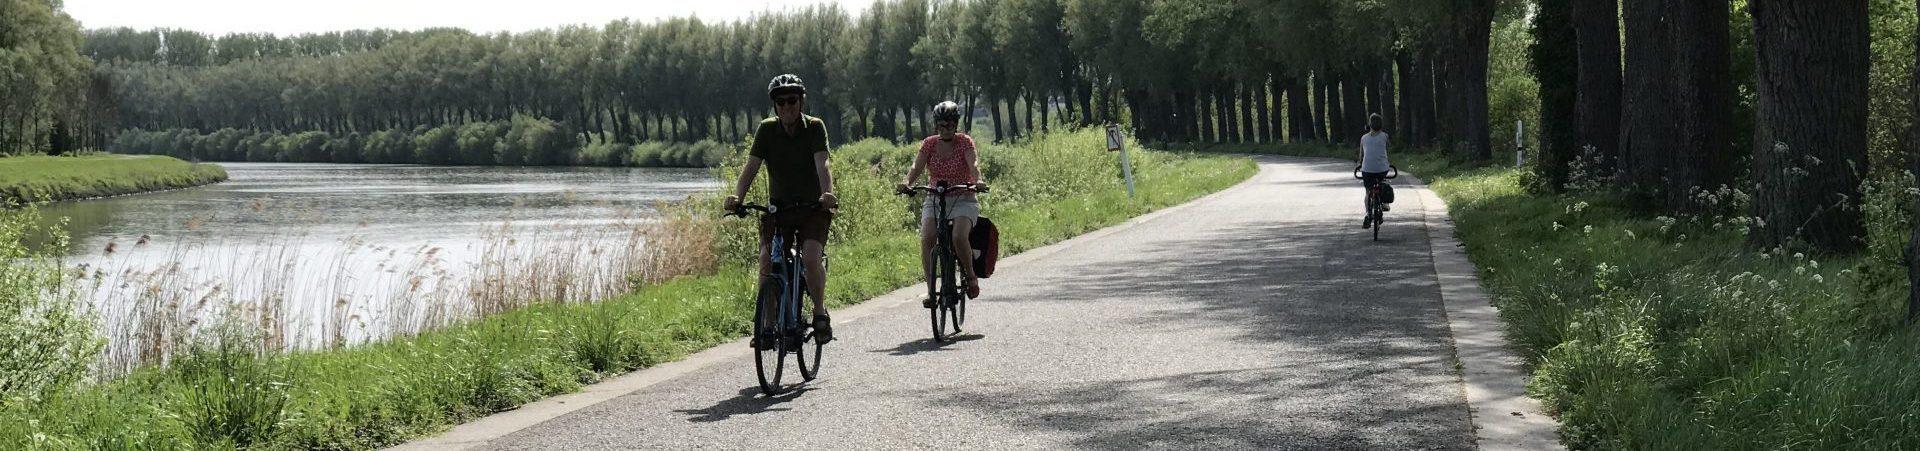 Schelde verhaal fietsroute fietsblog review reisverslagen blog stroom